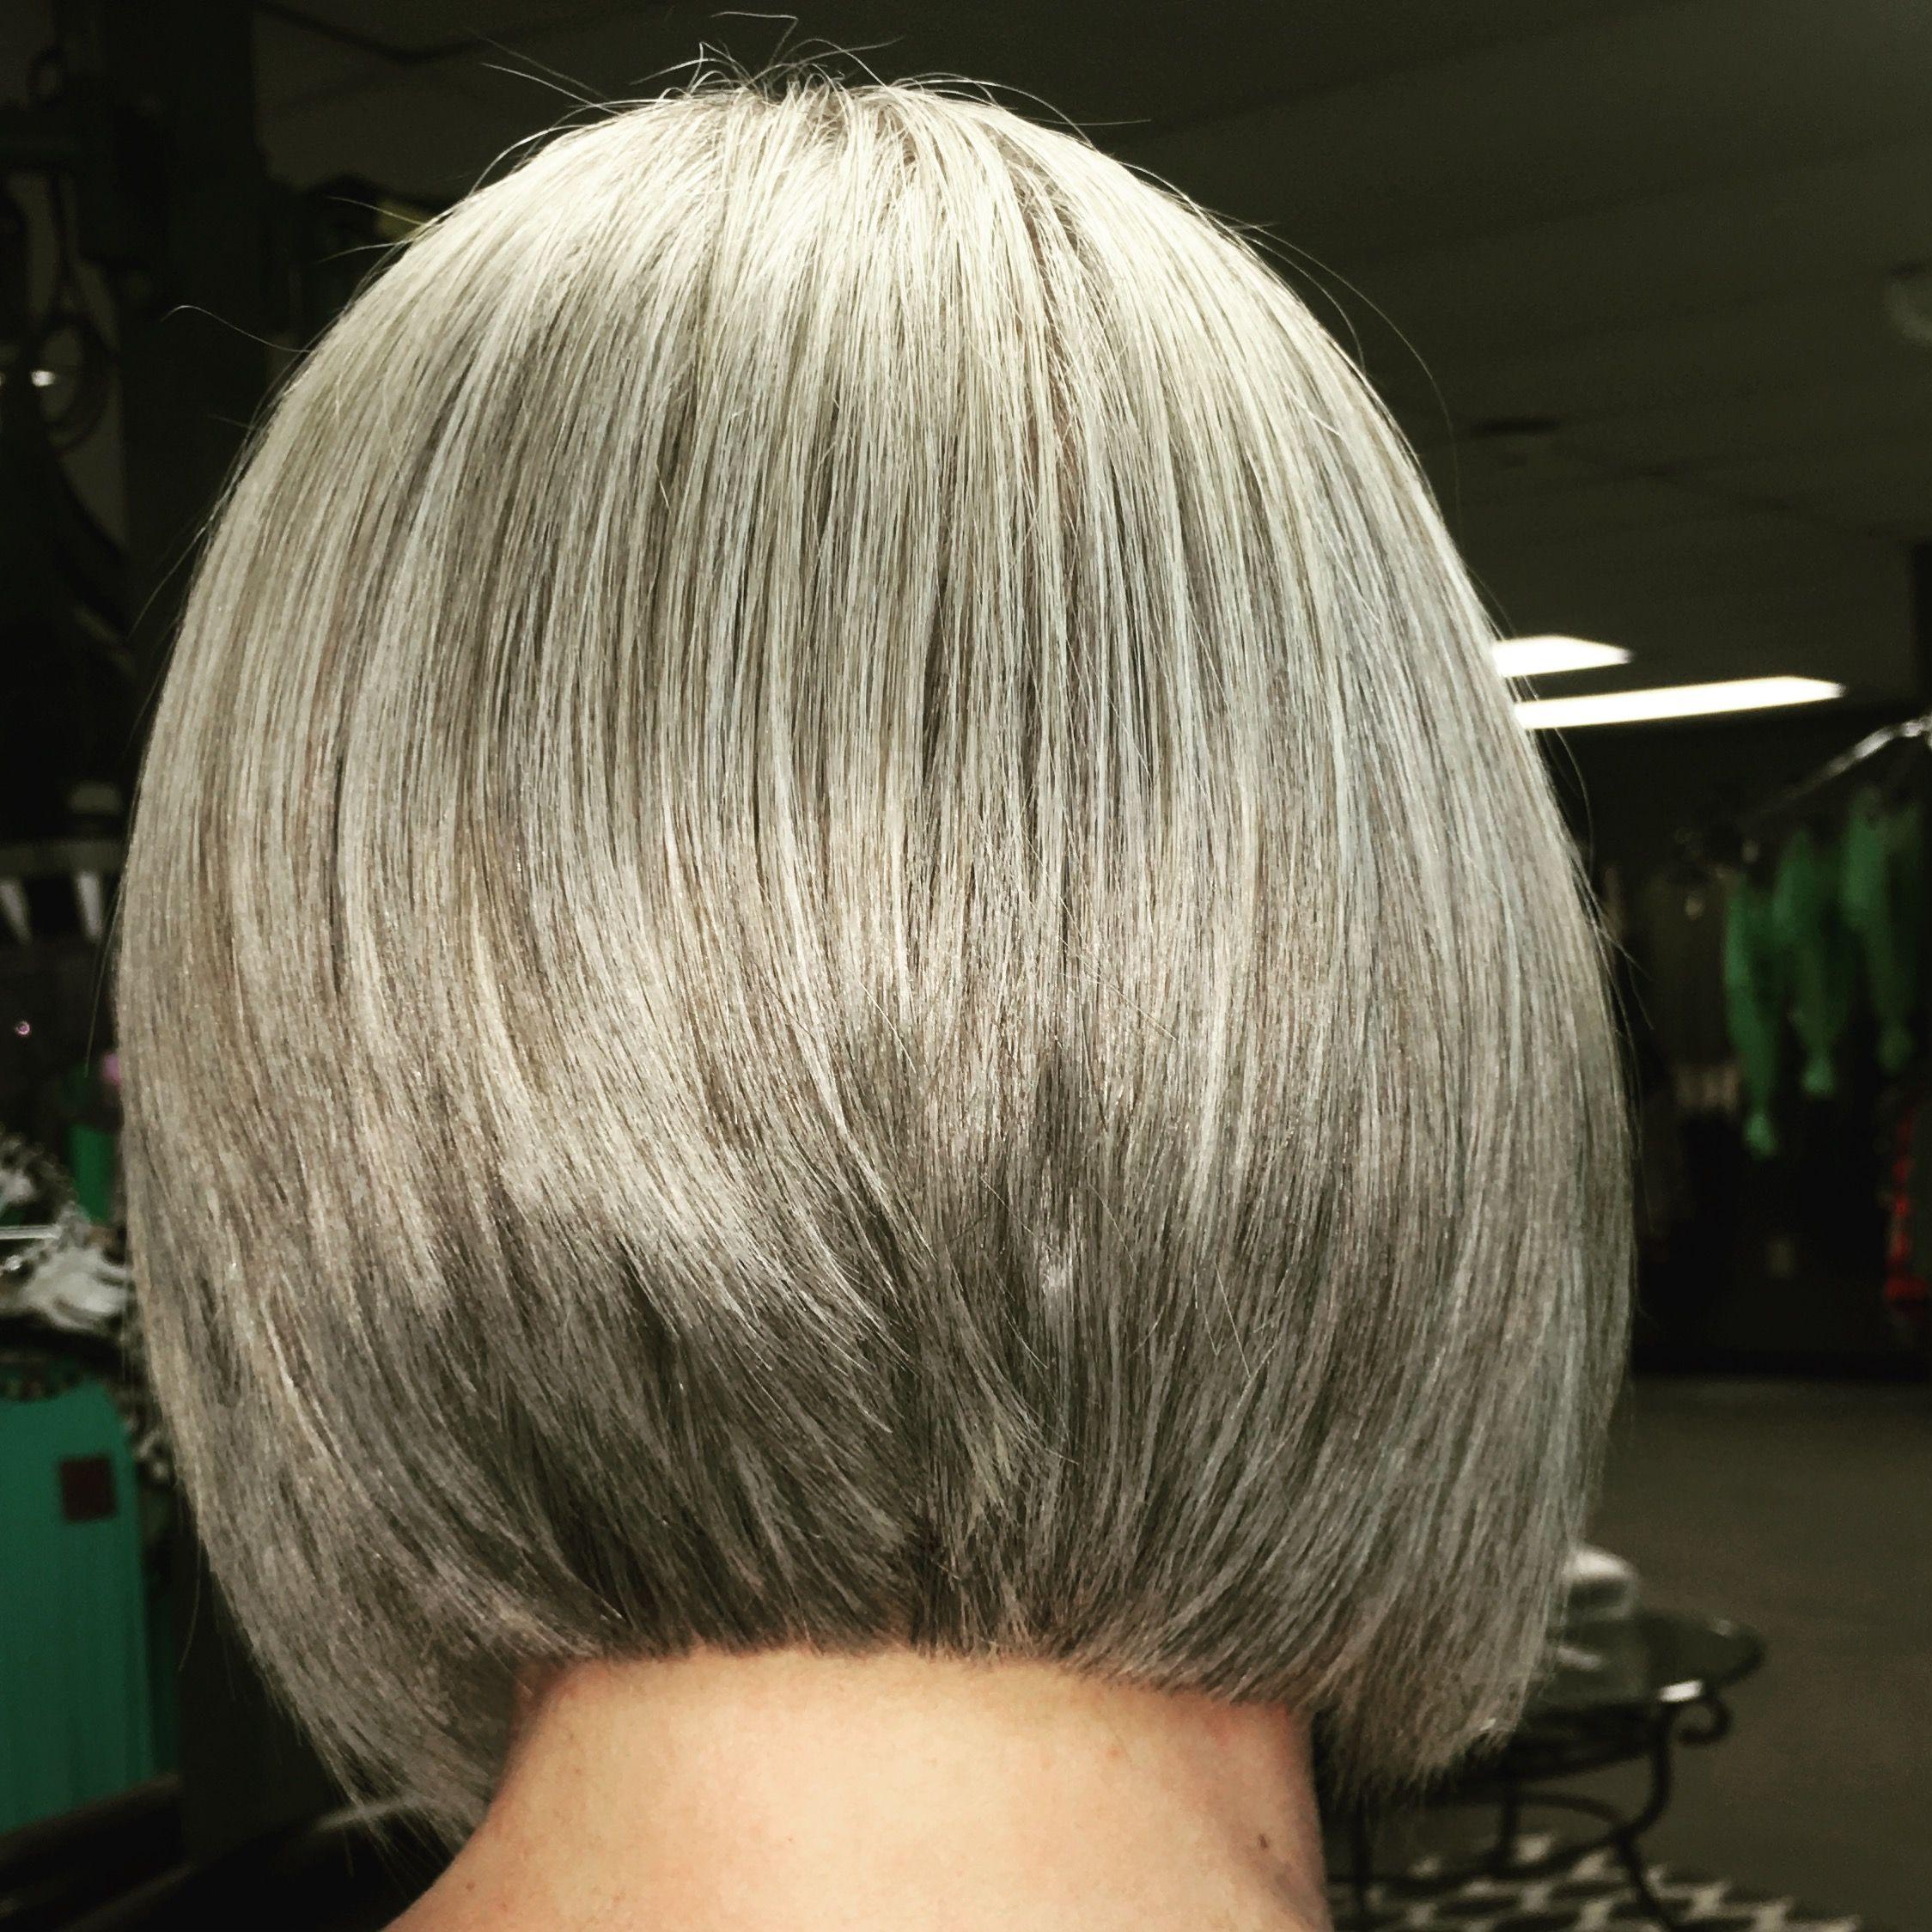 Bob Haircut Hair Junkies Salon Pinterest Hair Junkie Haircuts